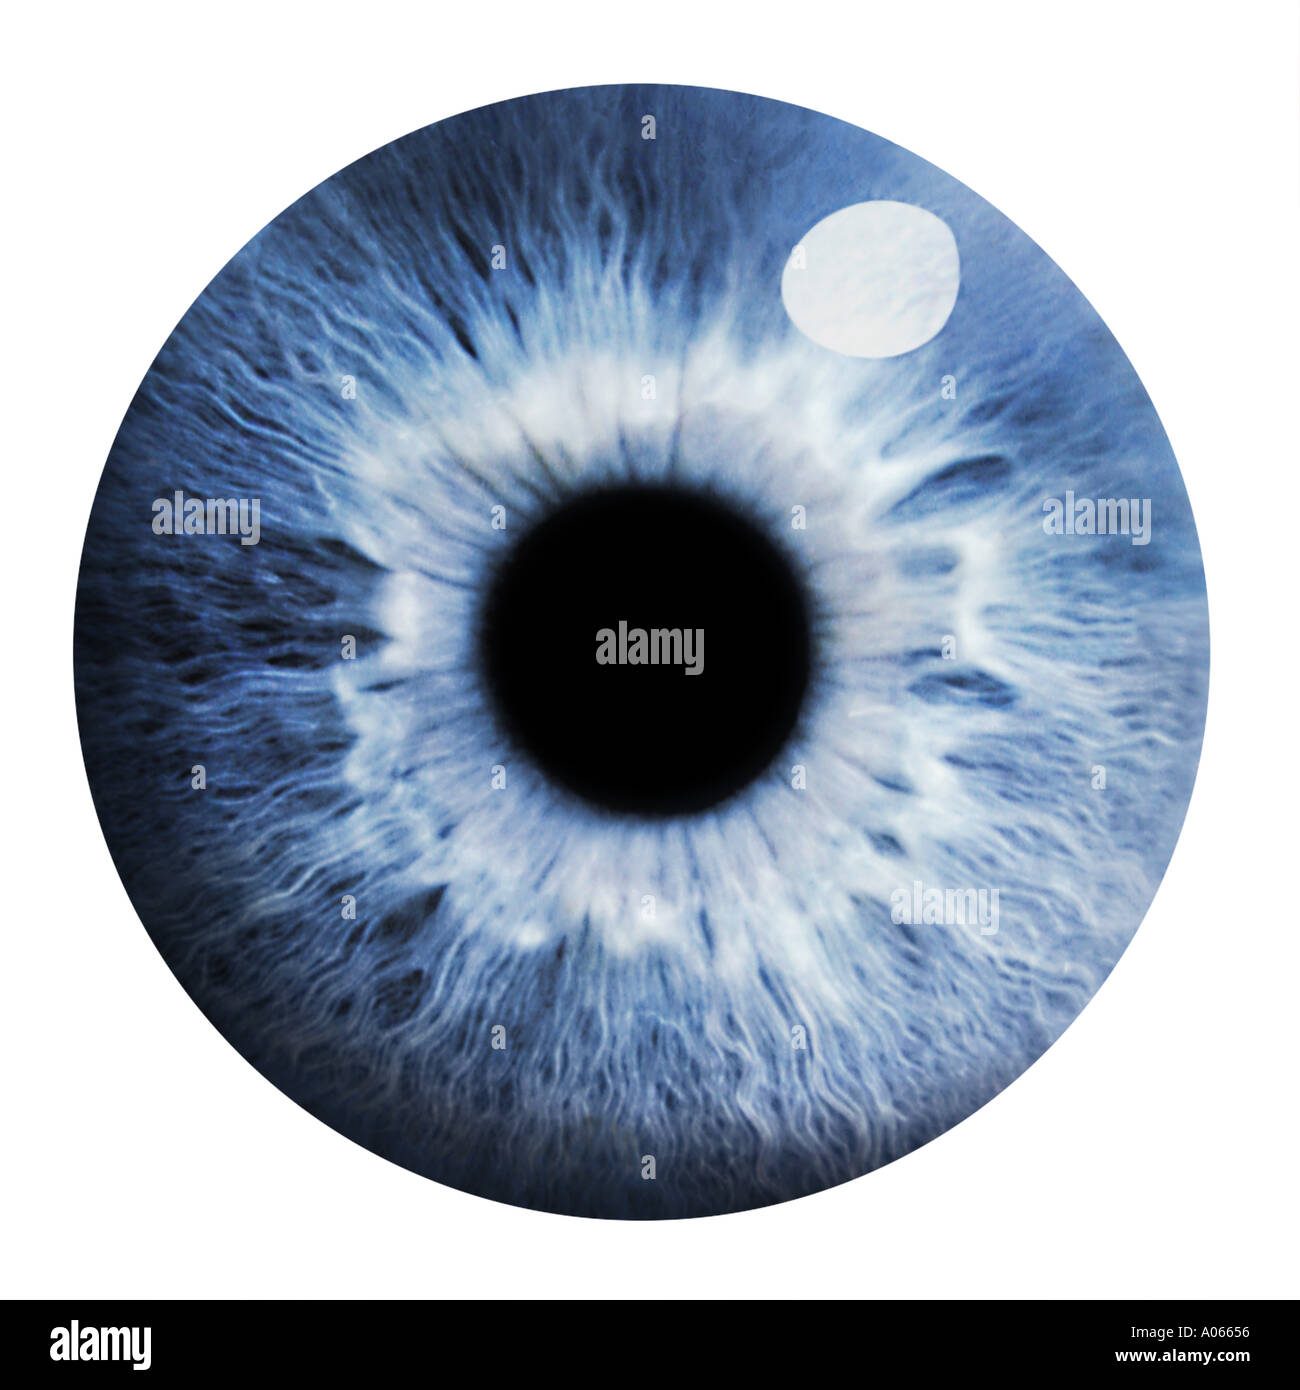 Eye Photo Stock